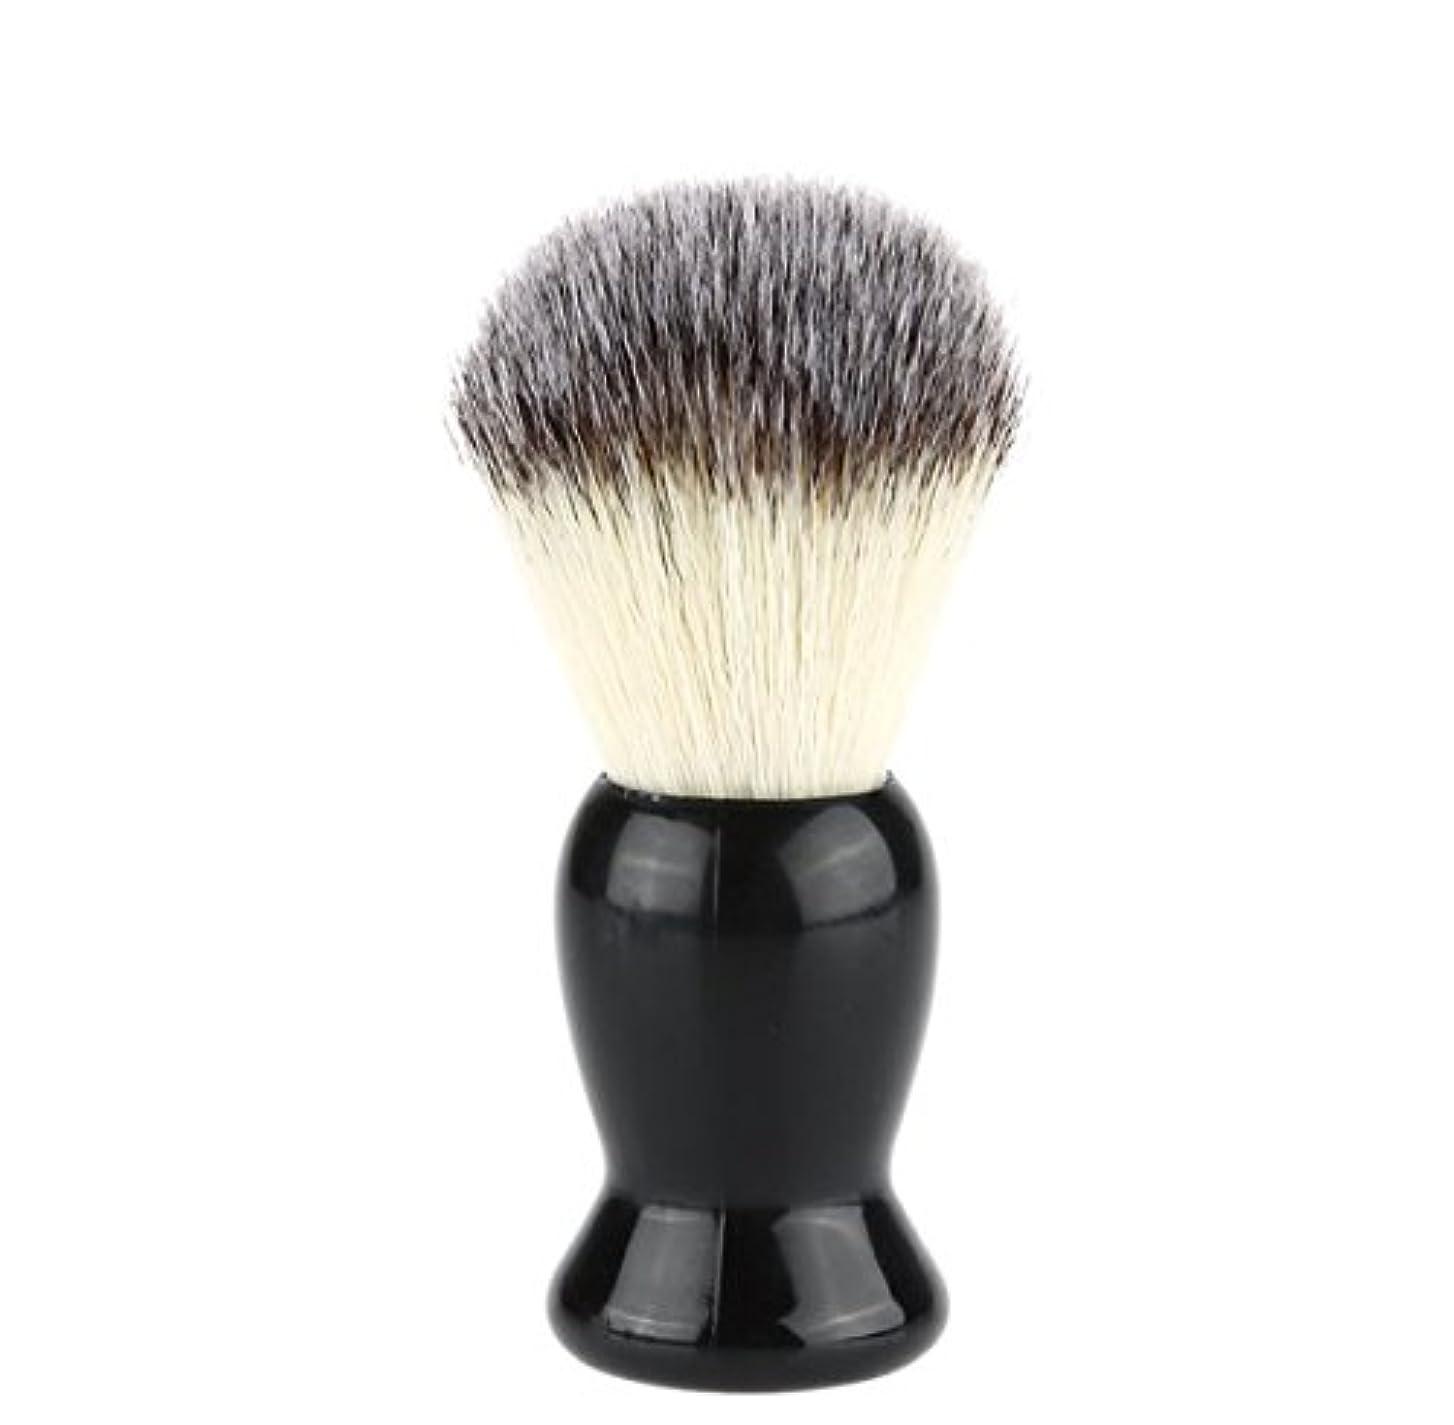 誰音系譜Superb Barber Salon Shaving Brush Black Handle Face Beard Cleaning Men Shaving Razor Brush Cleaning Appliance...